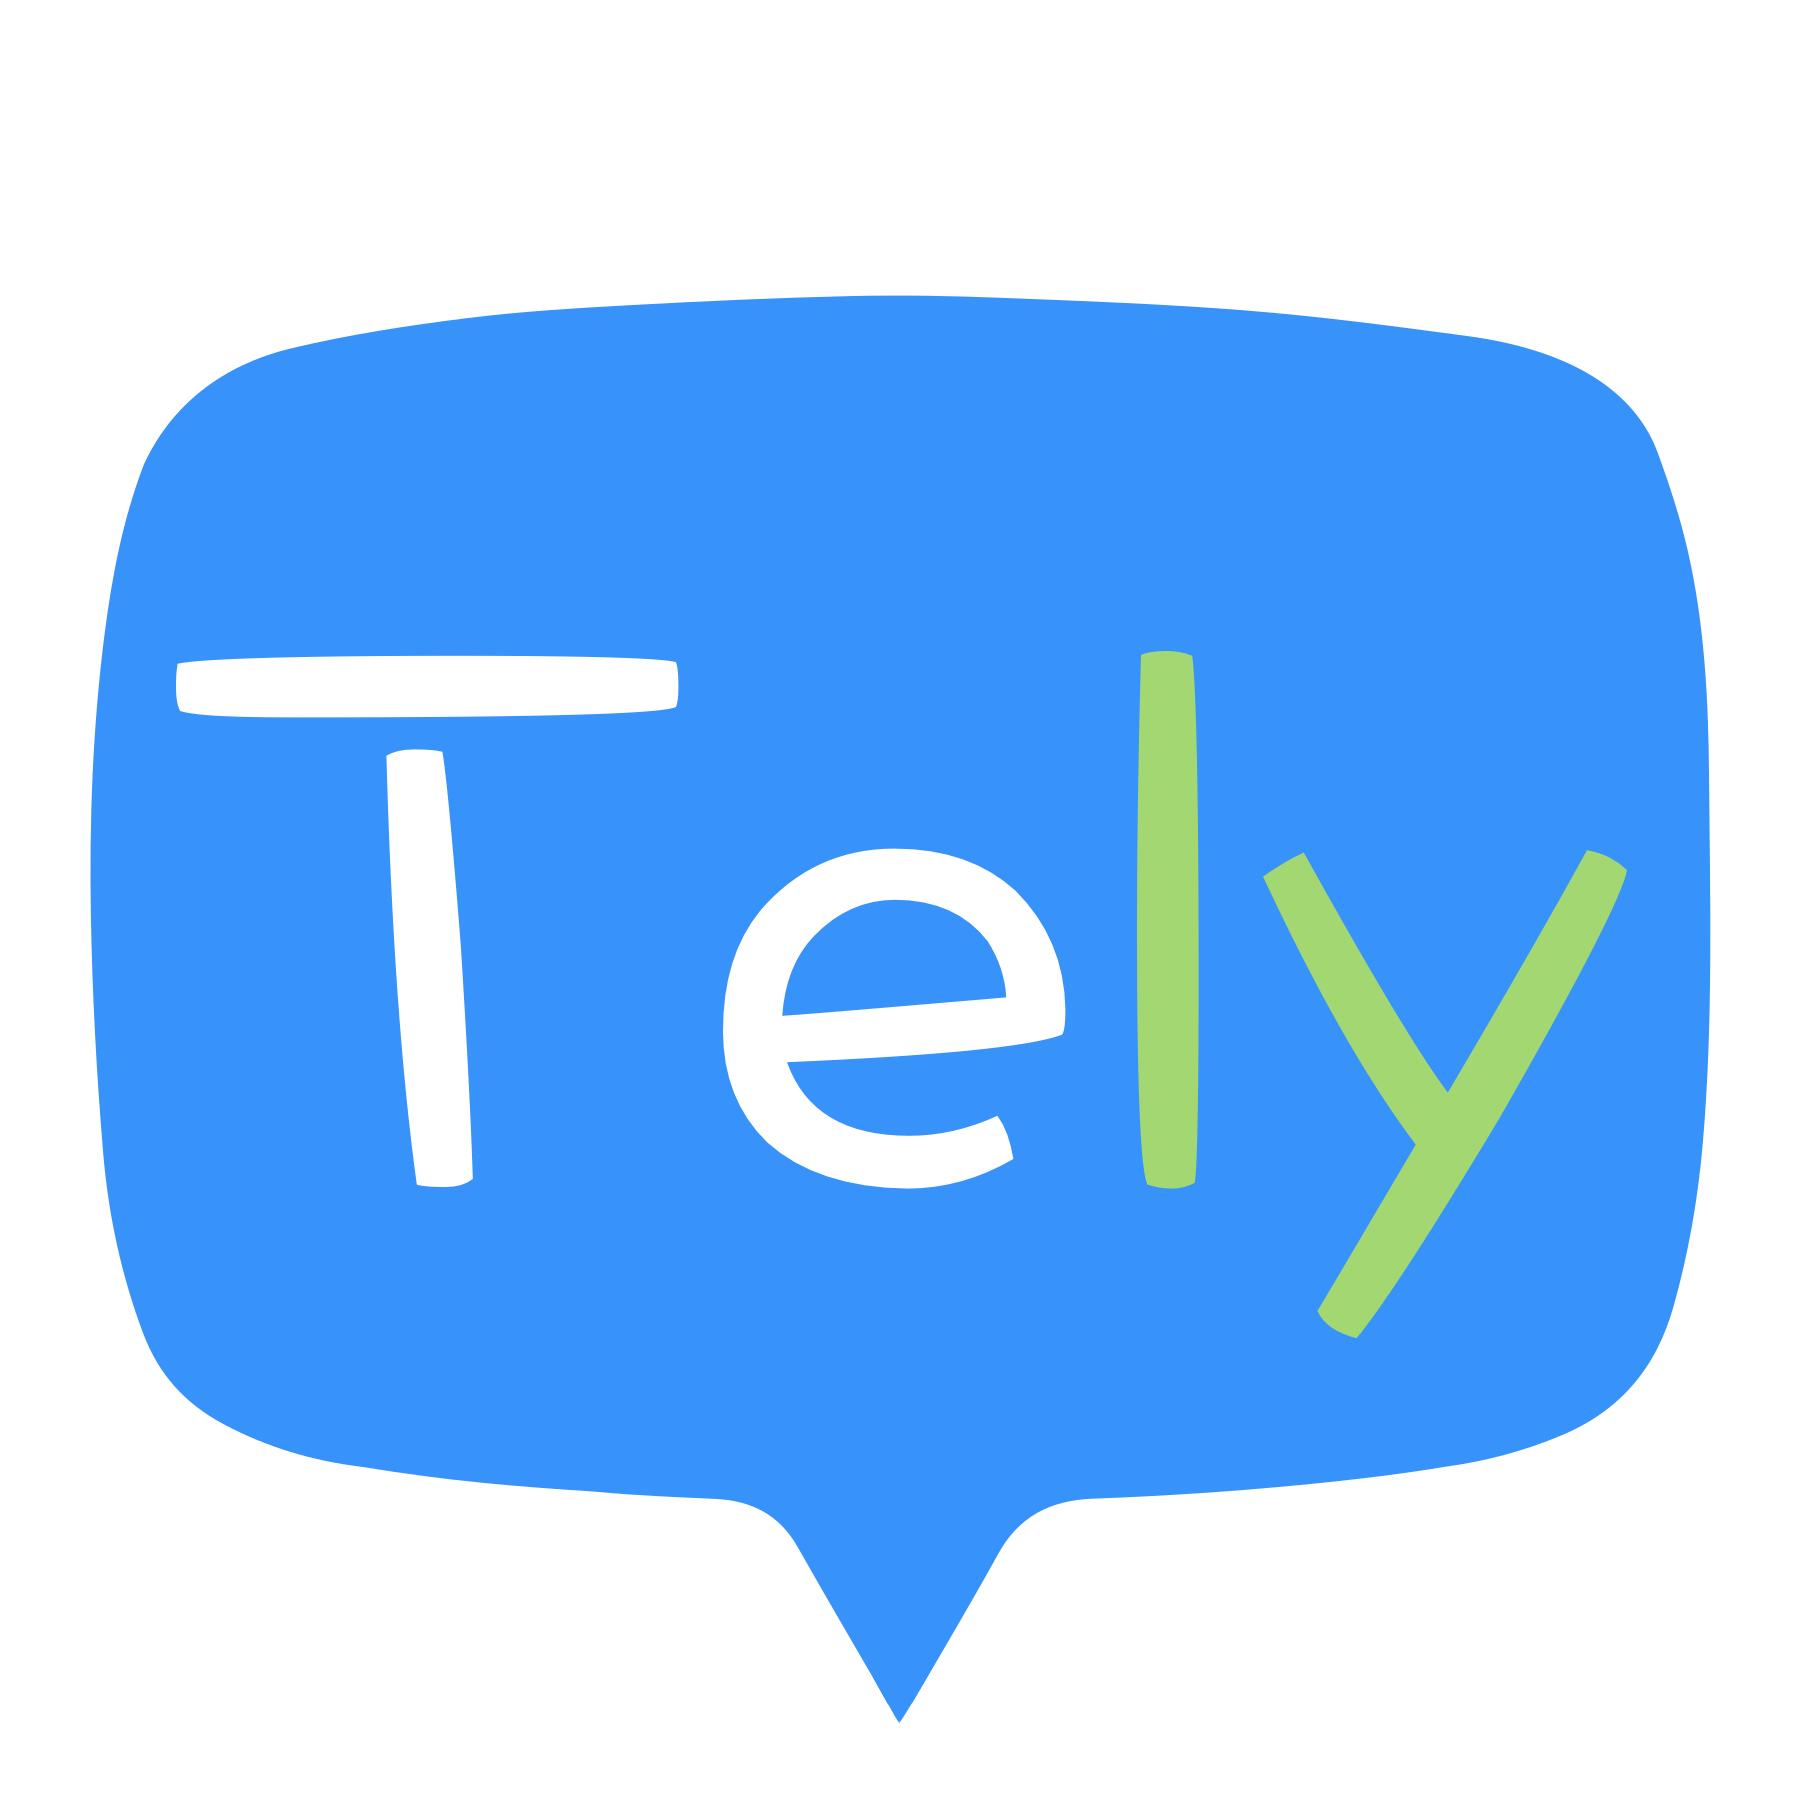 Tely Bot for Facebook Messenger